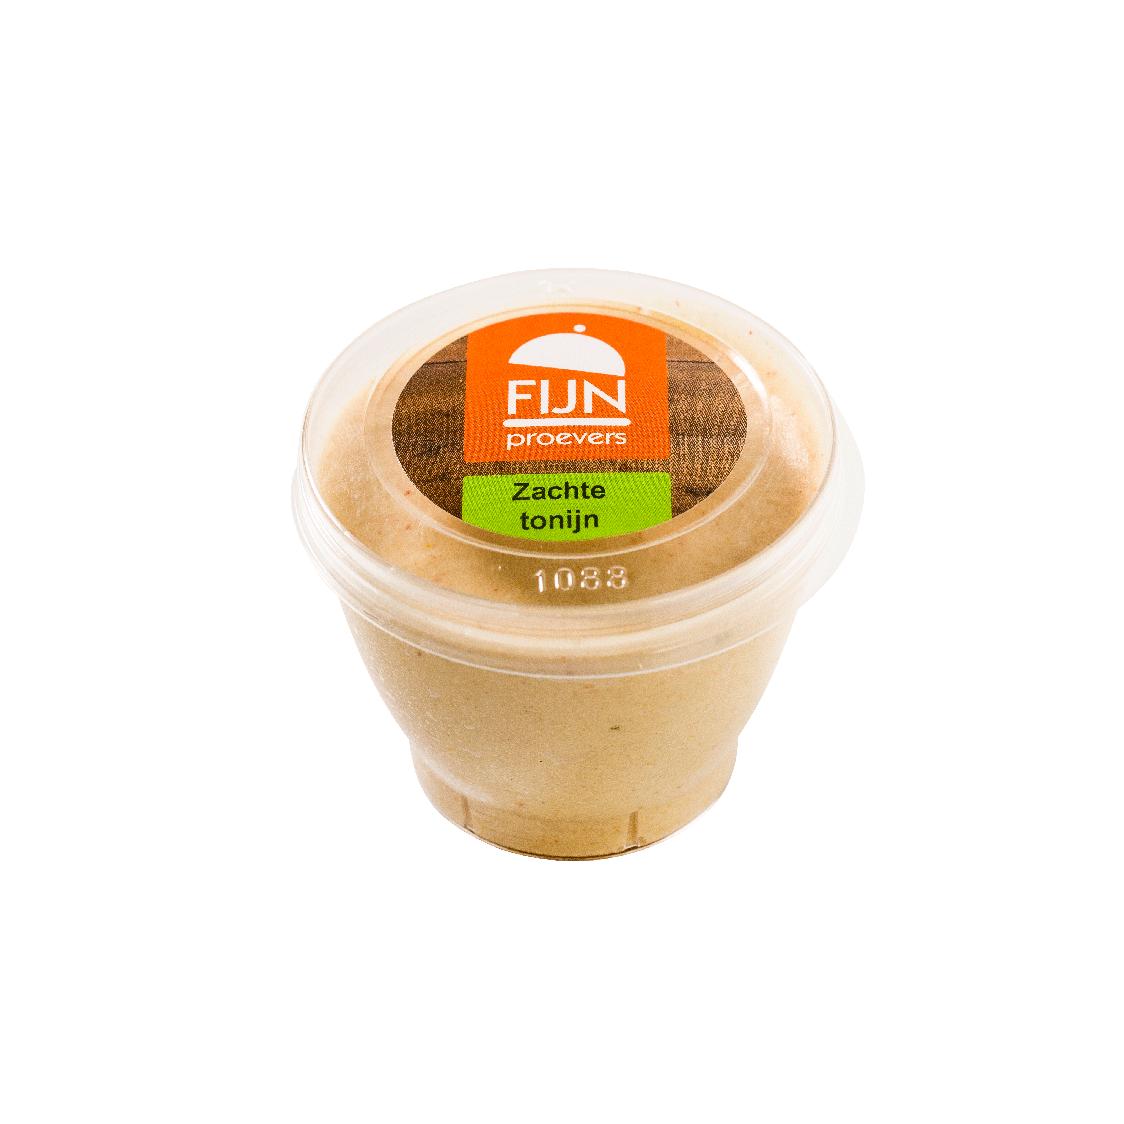 Tussendoortje tonijn mousse voor slikproblemen eiwitverrijkt van fijnproevers productfoto